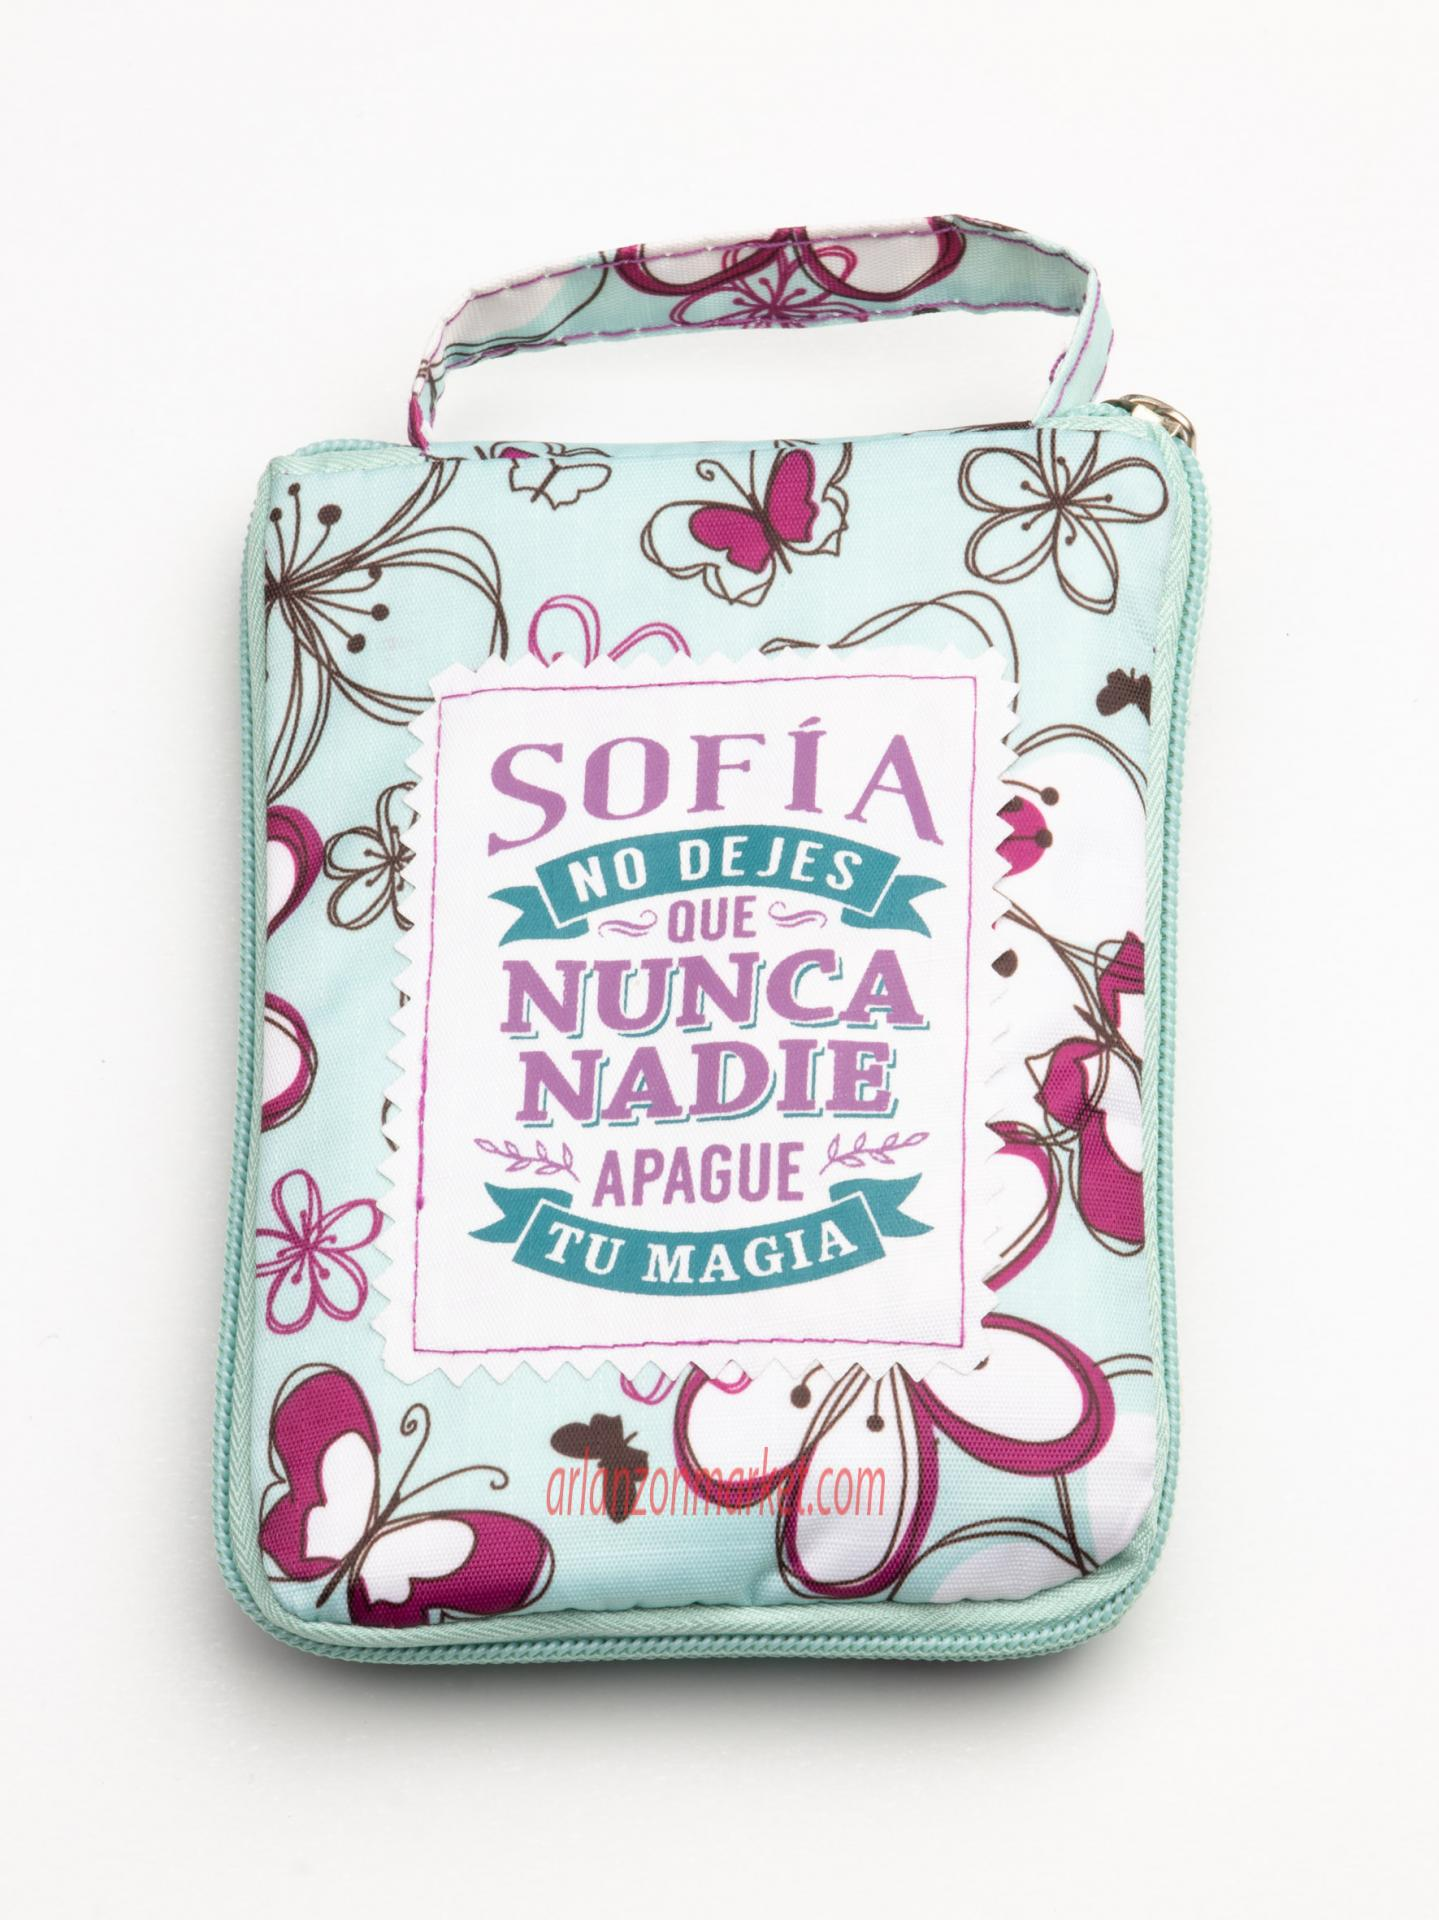 Bolsa con mensaje  SOFIA